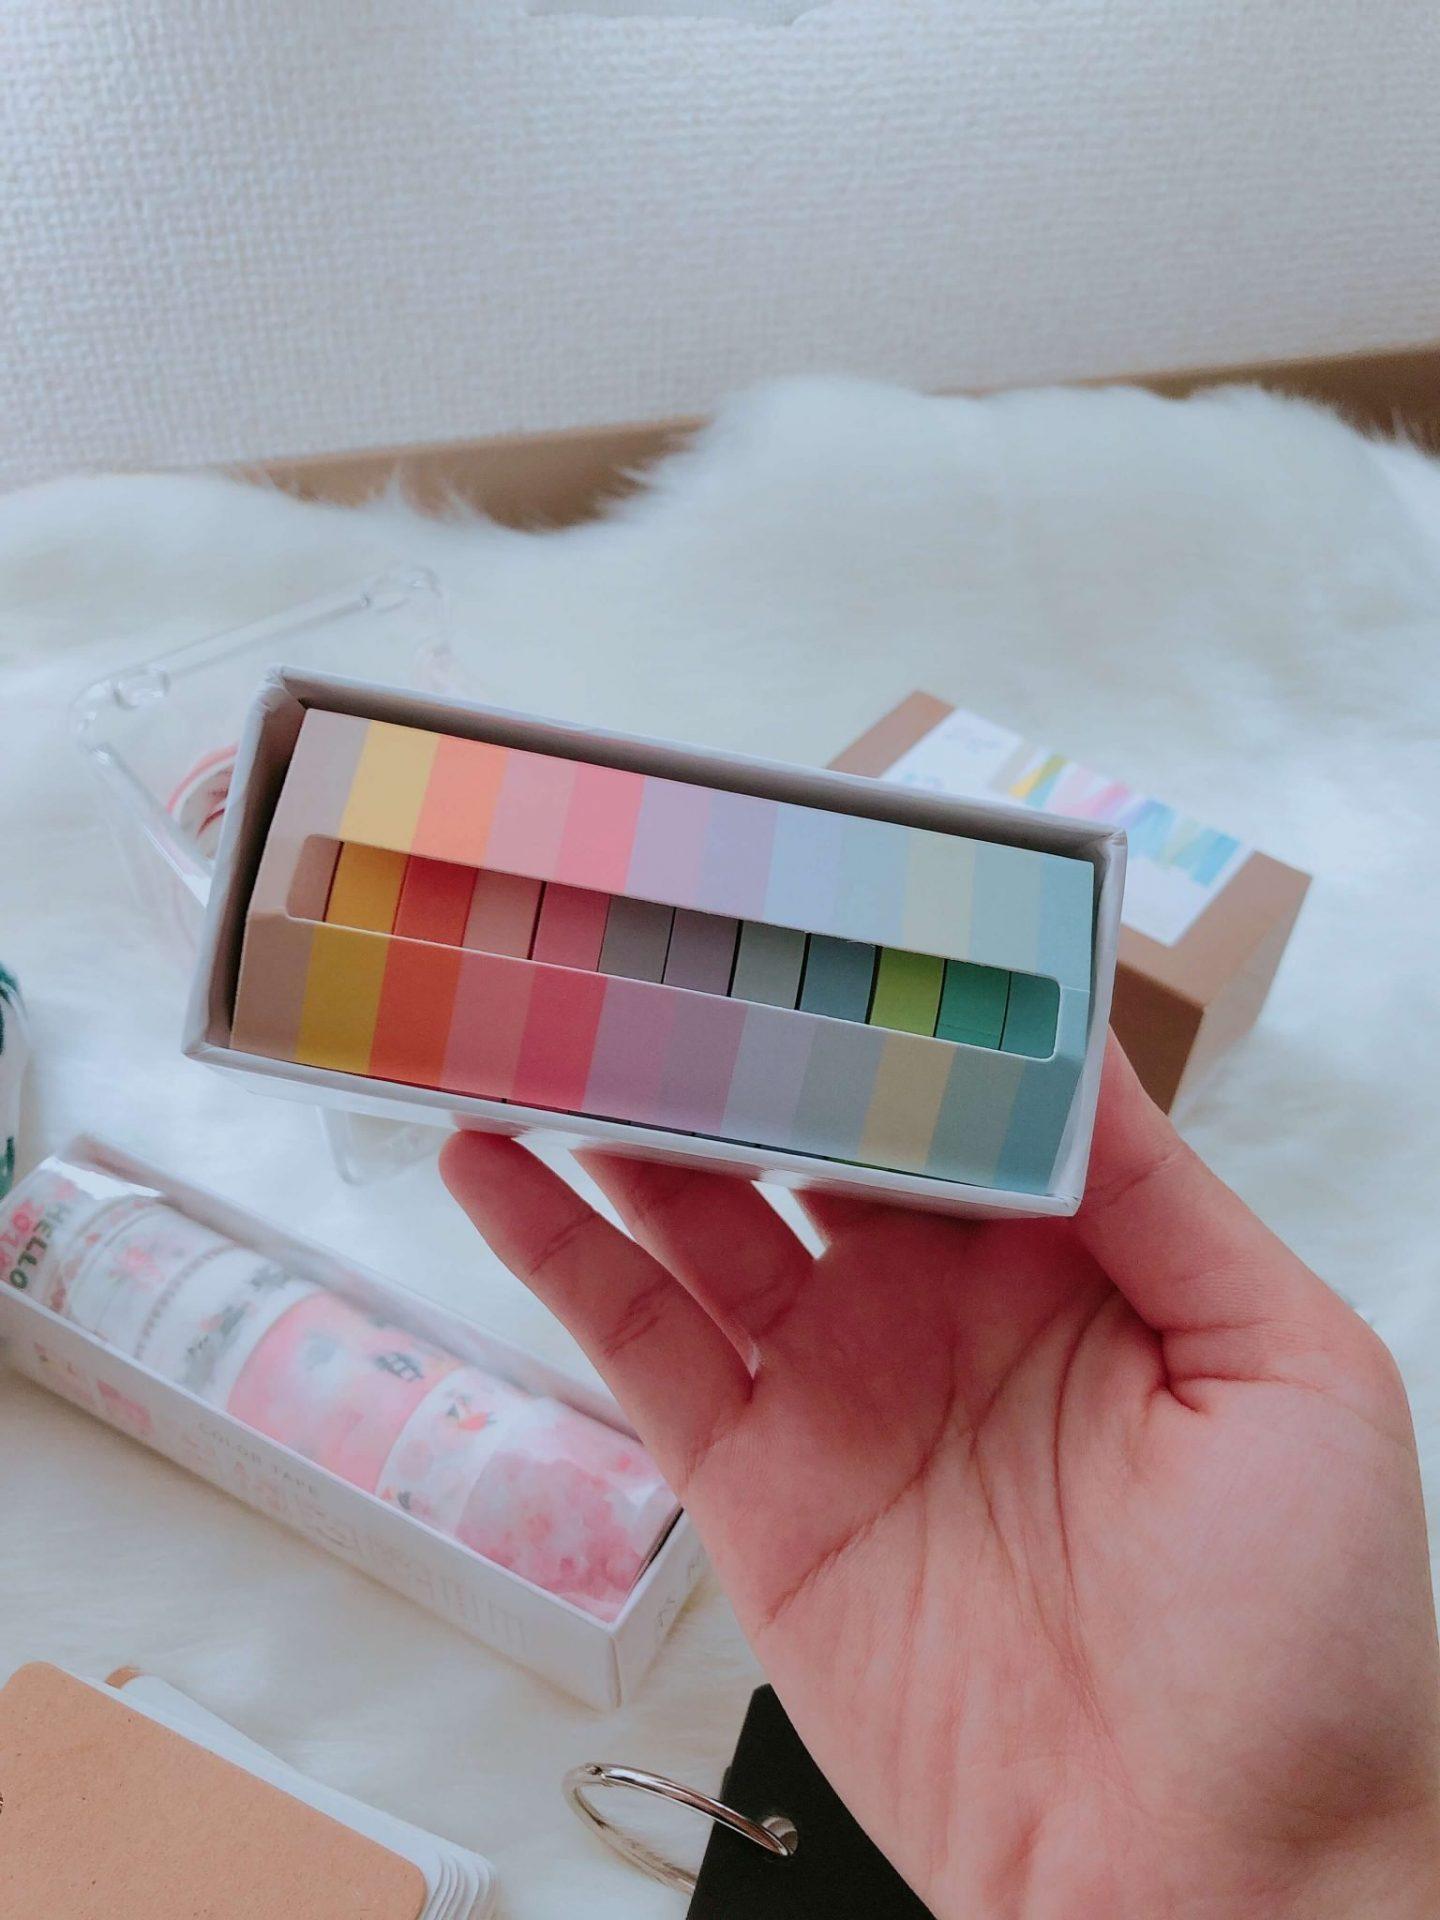 Coloured washi tape